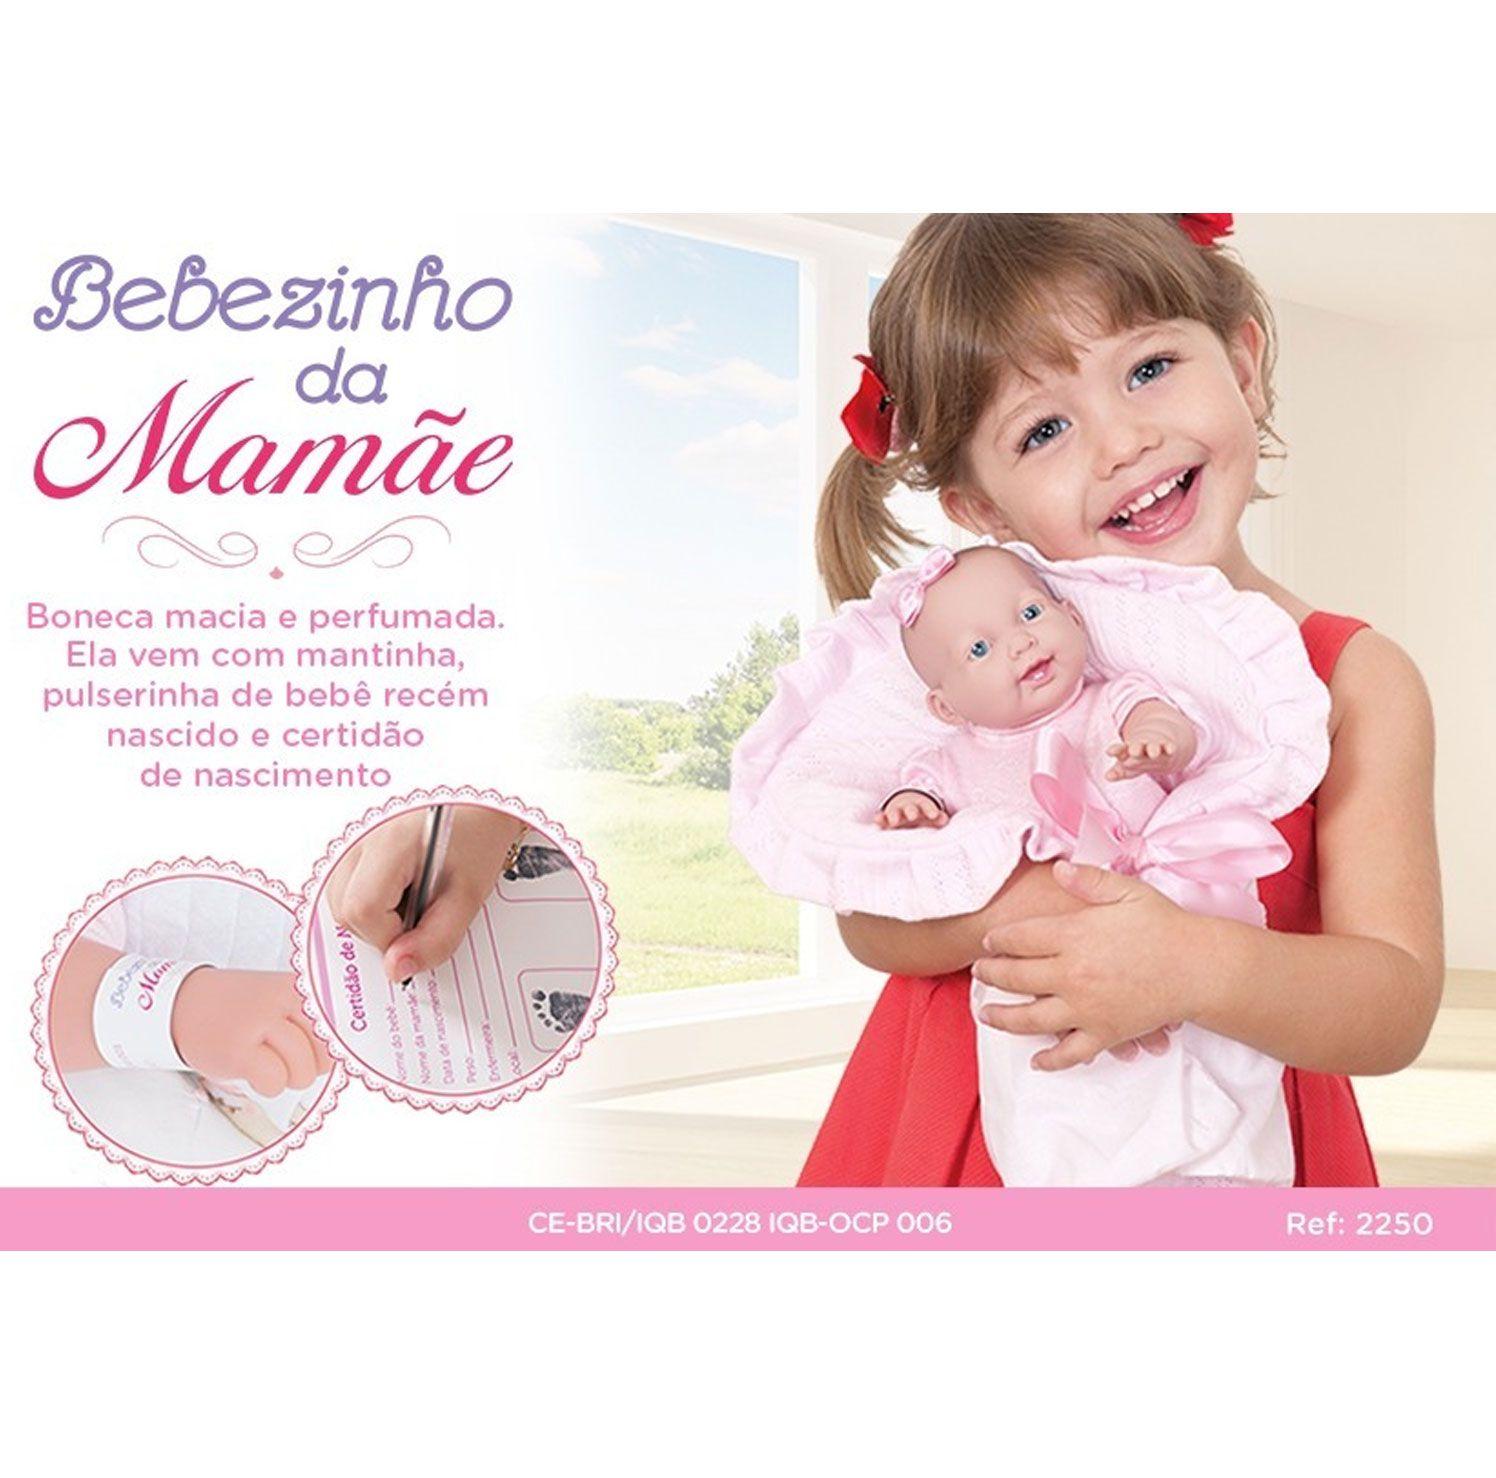 BONECA BEBEZINHO DA MAMÃE PEQUENA COTIPLAS REF:2250